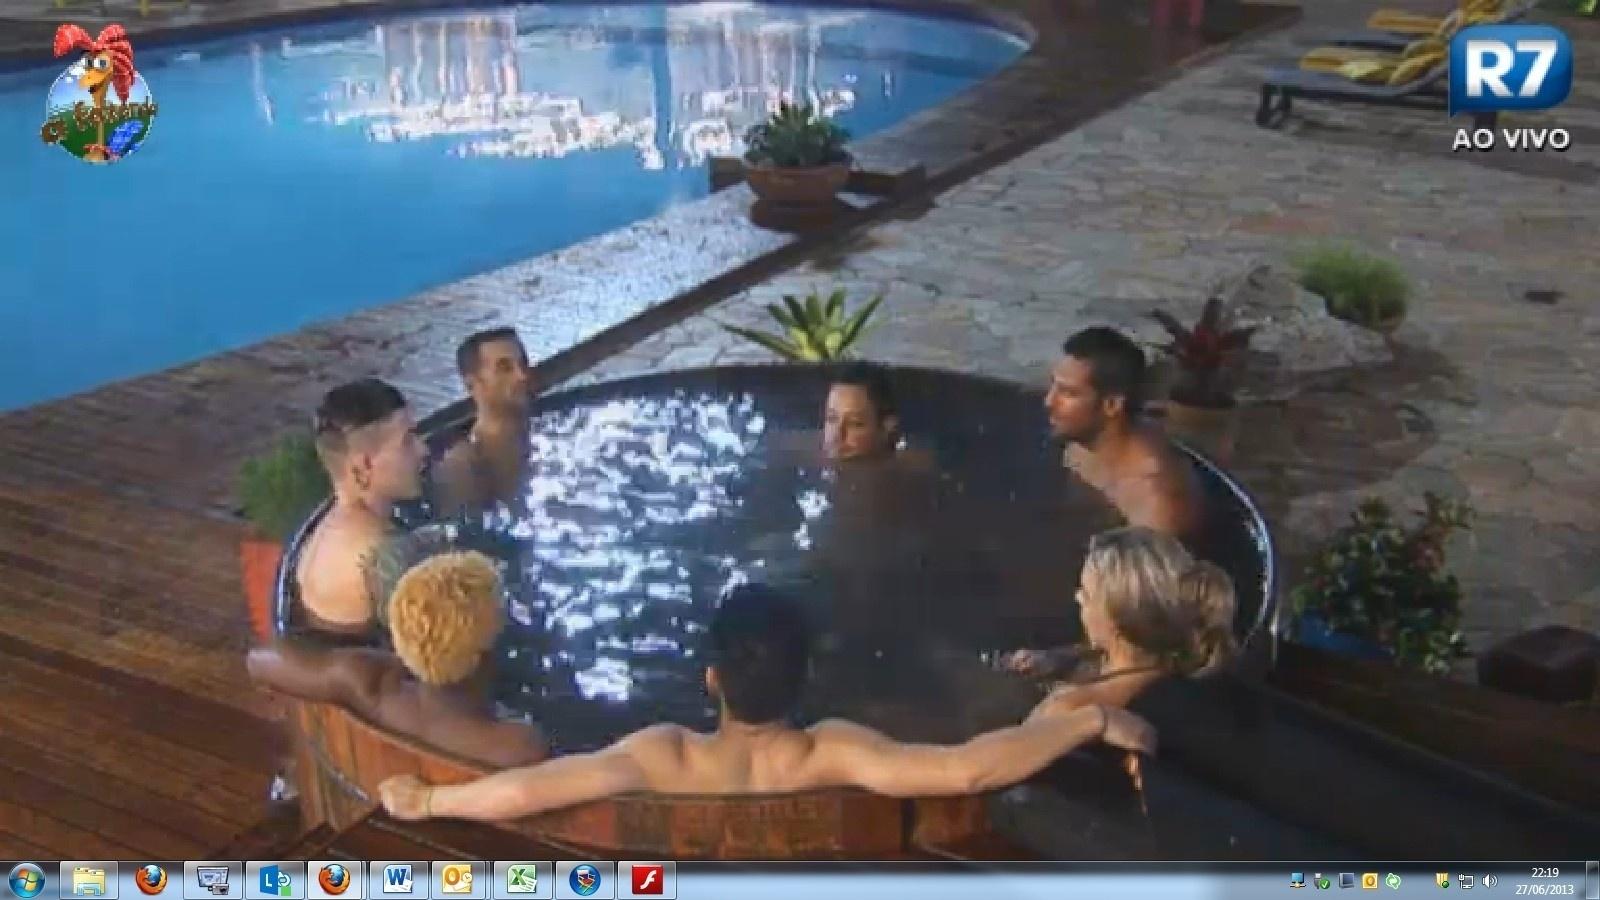 27.jun.2013 - No ofurô, Oliver, Mateus, Ivo, Yudi, Denise, Beto e Márcio falam sobre estratégia de jogo